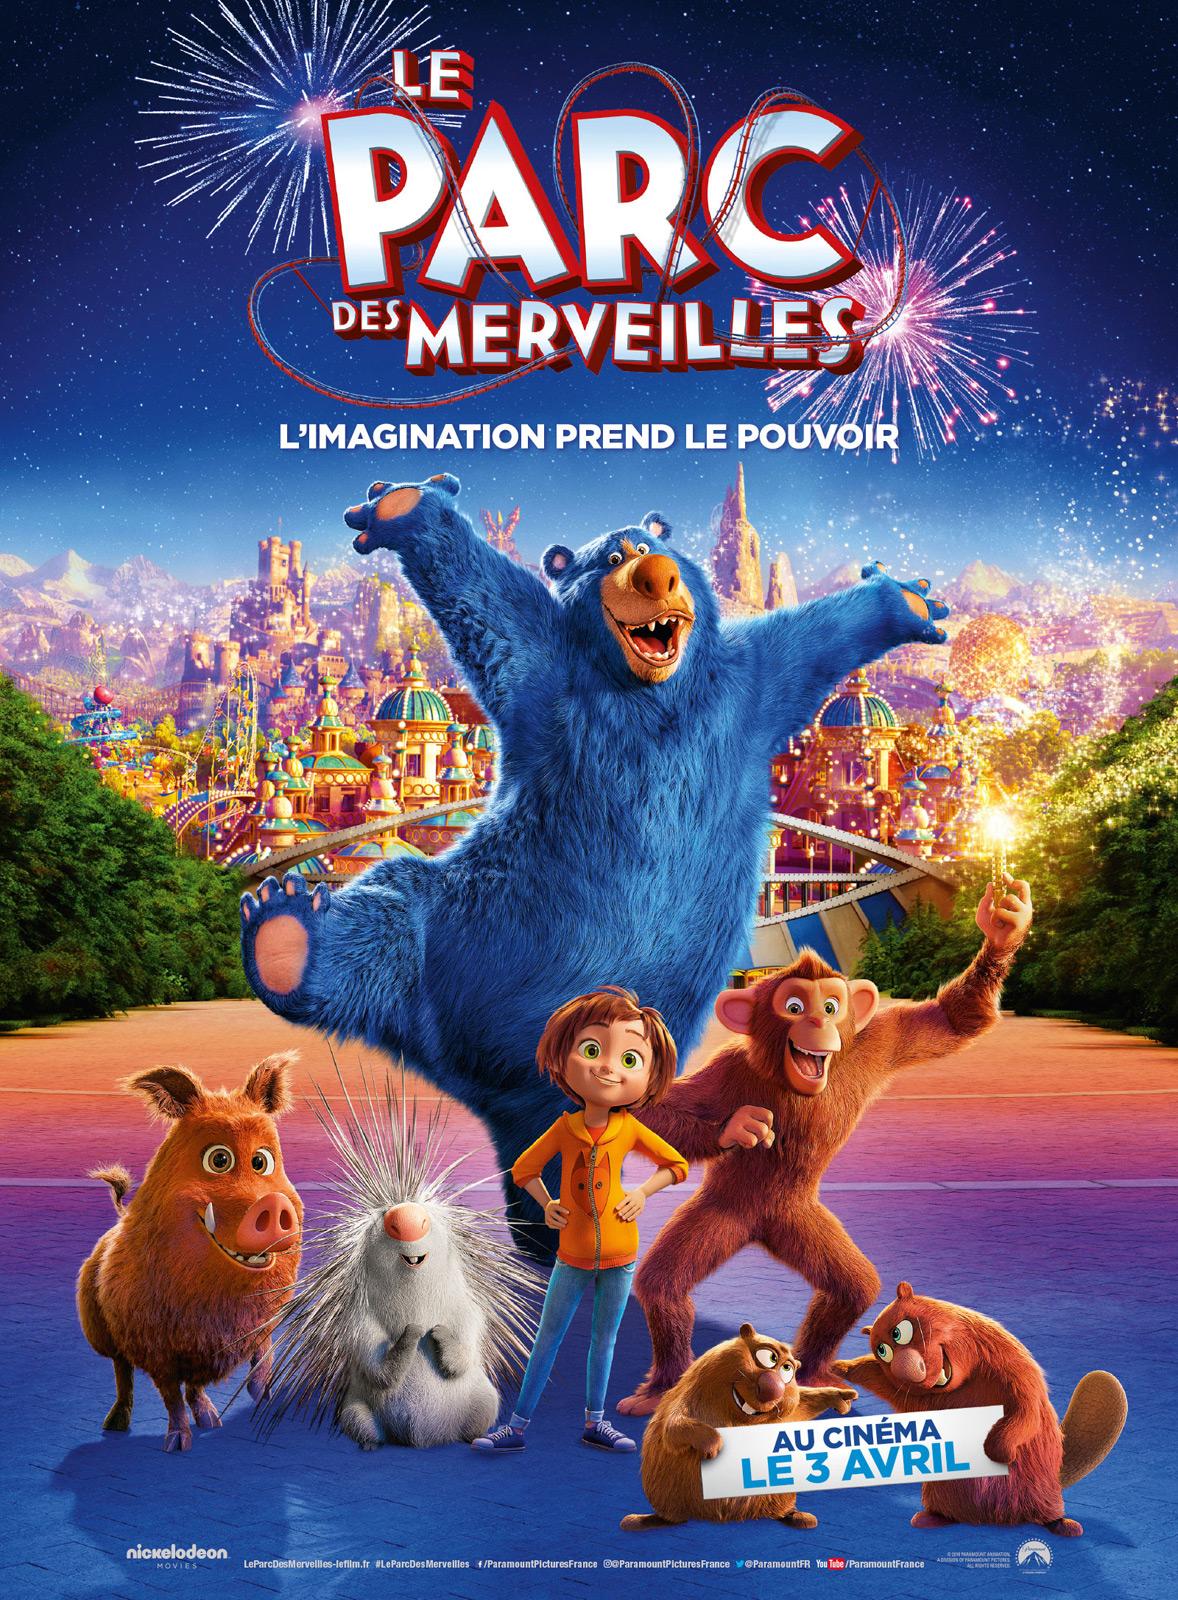 Image du film Le Parc des merveilles